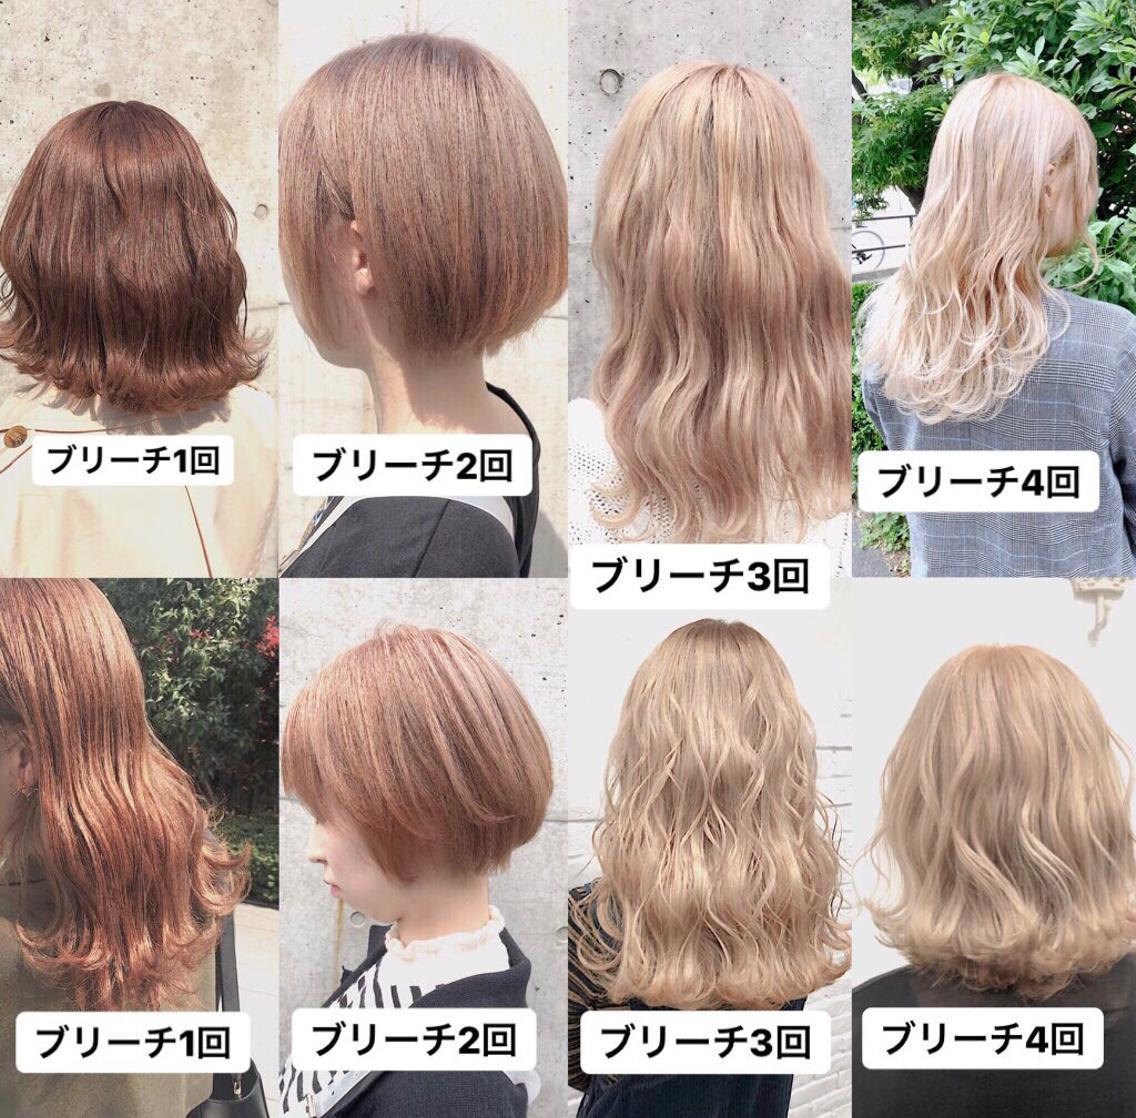 #カラー 🇰🇷髪が元々赤みが強い人のミルクティー🇰🇷